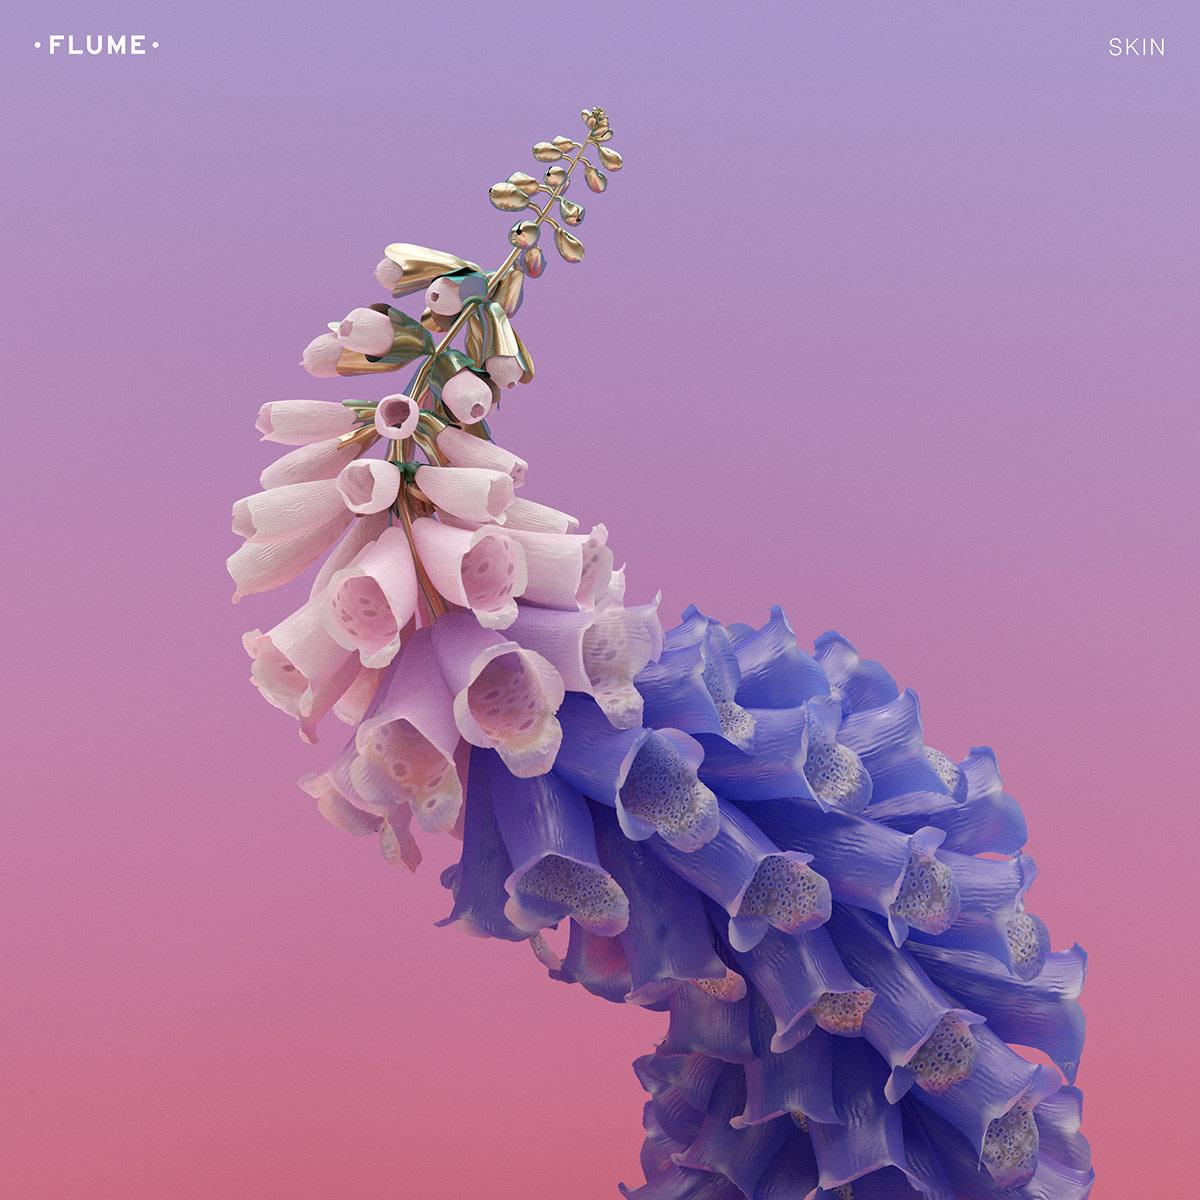 Flume_Skin-1